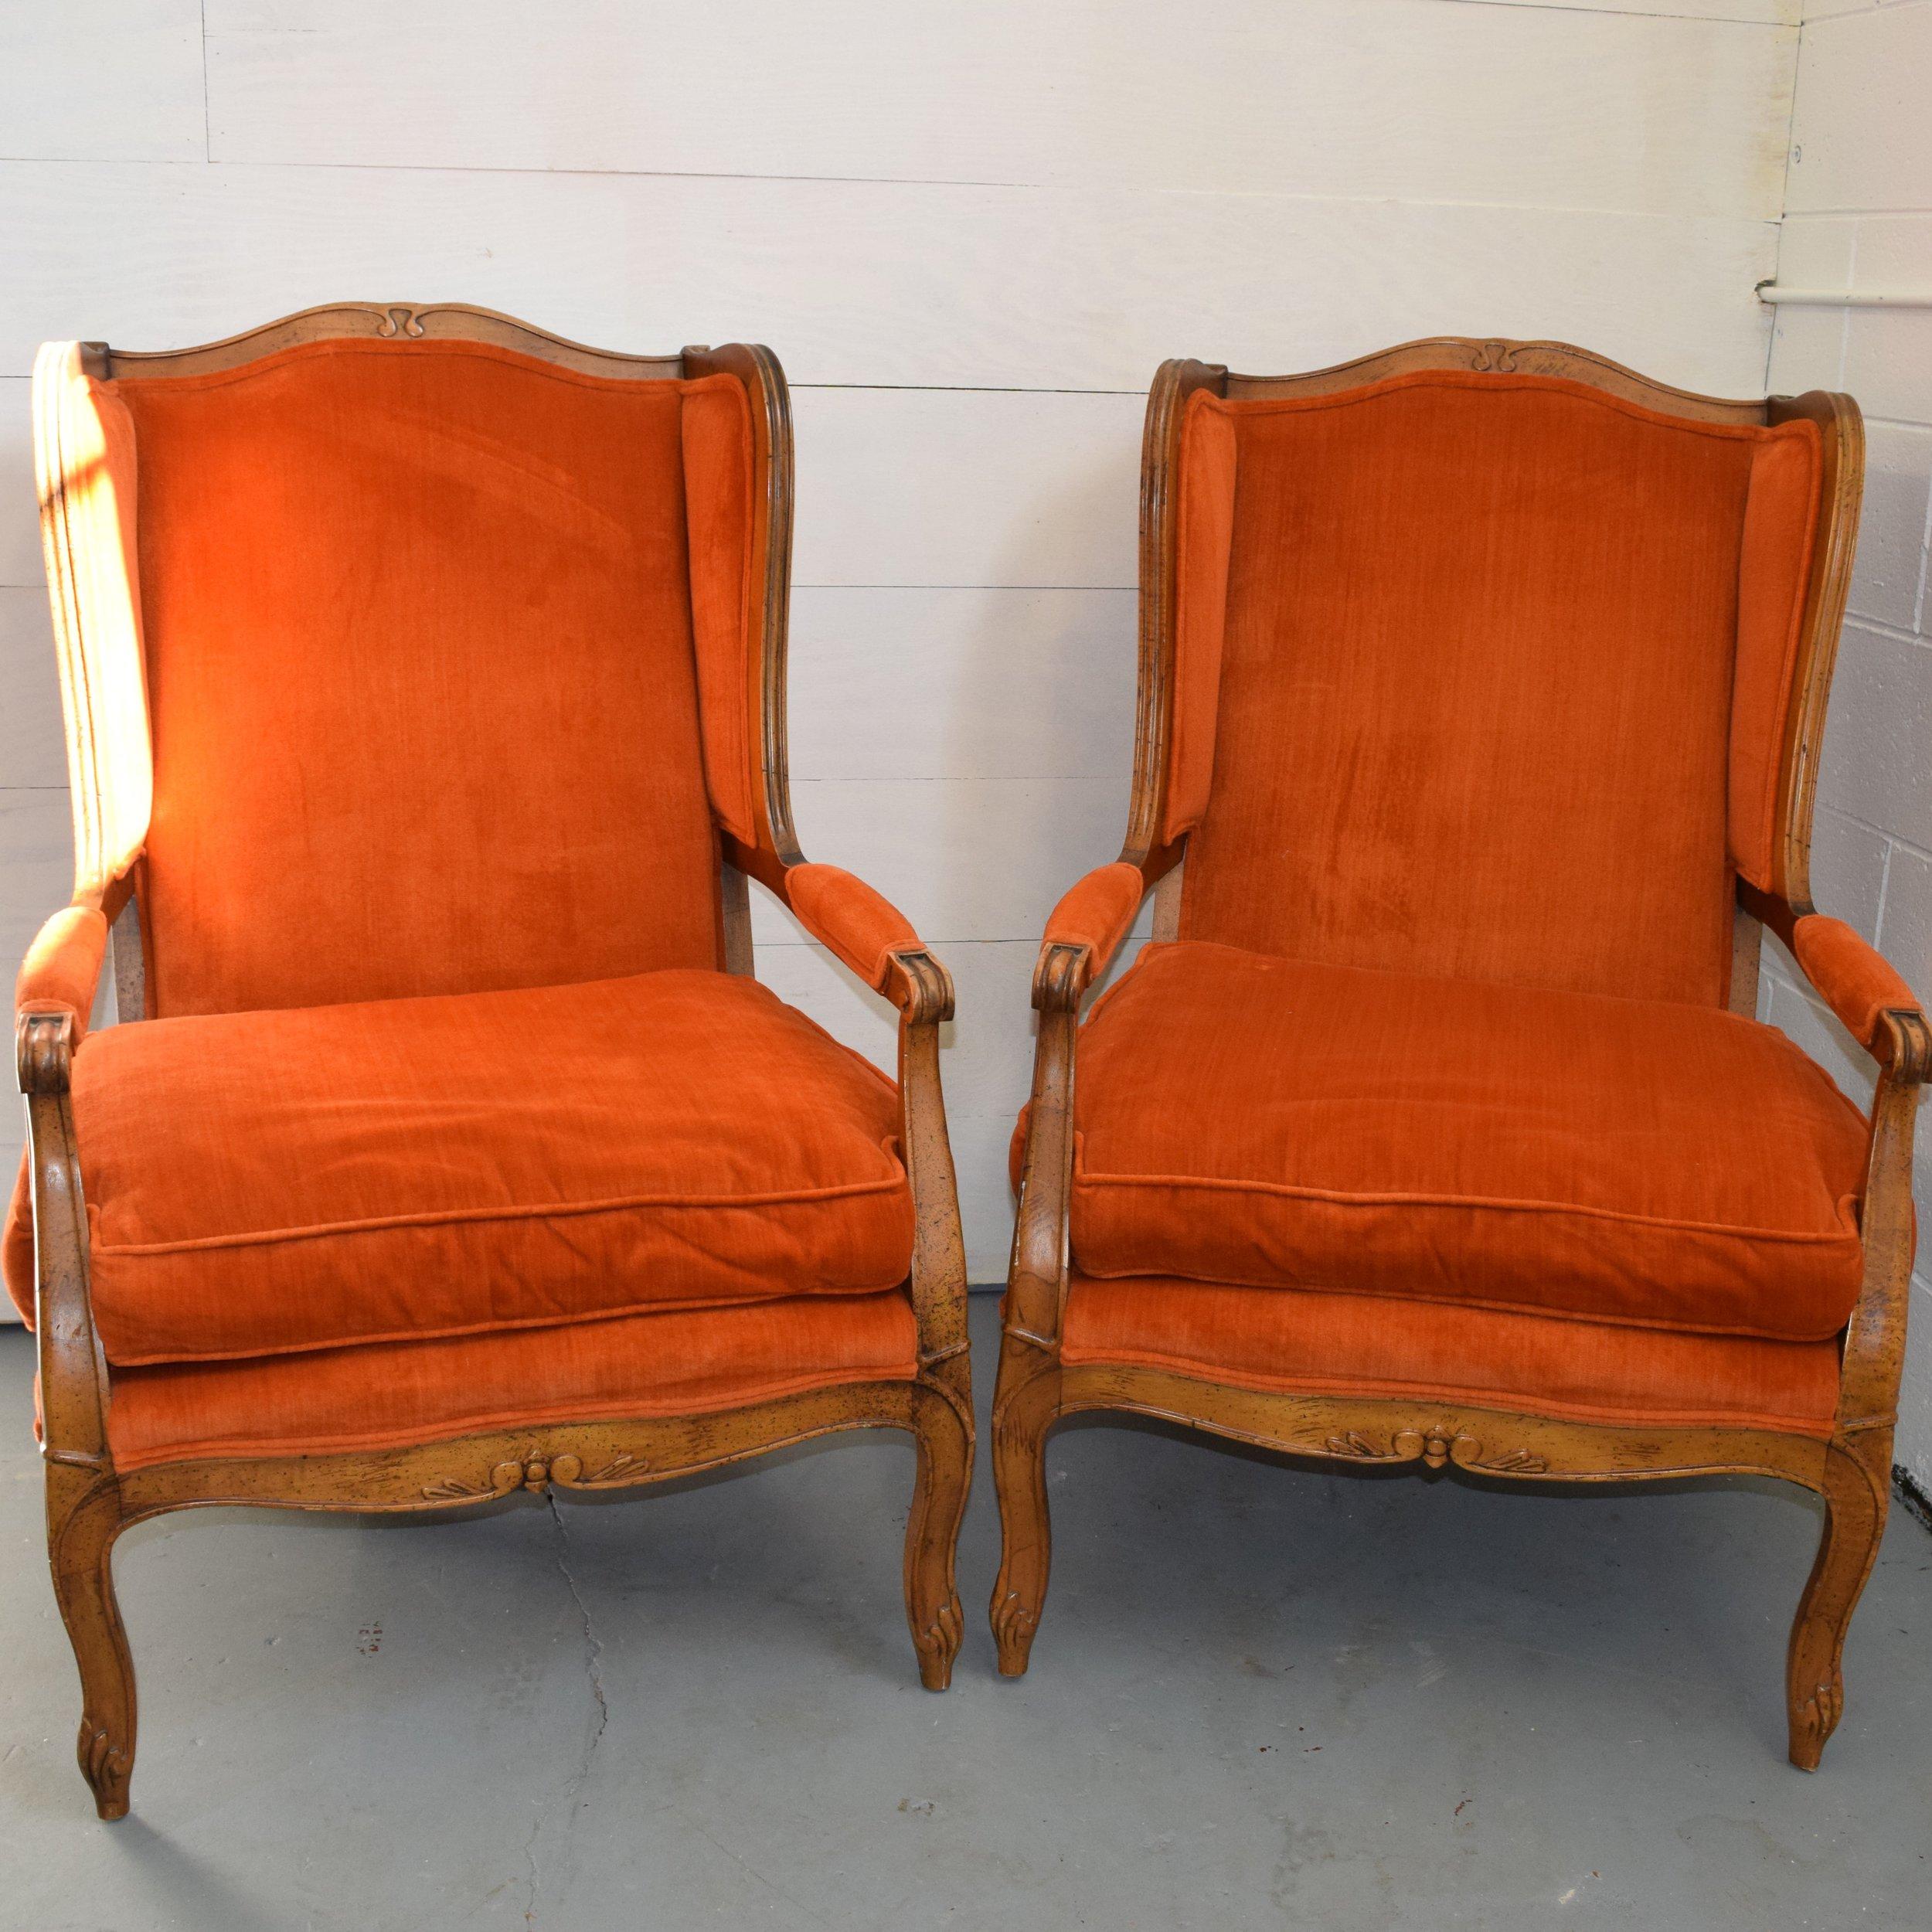 Nicholas Chairs